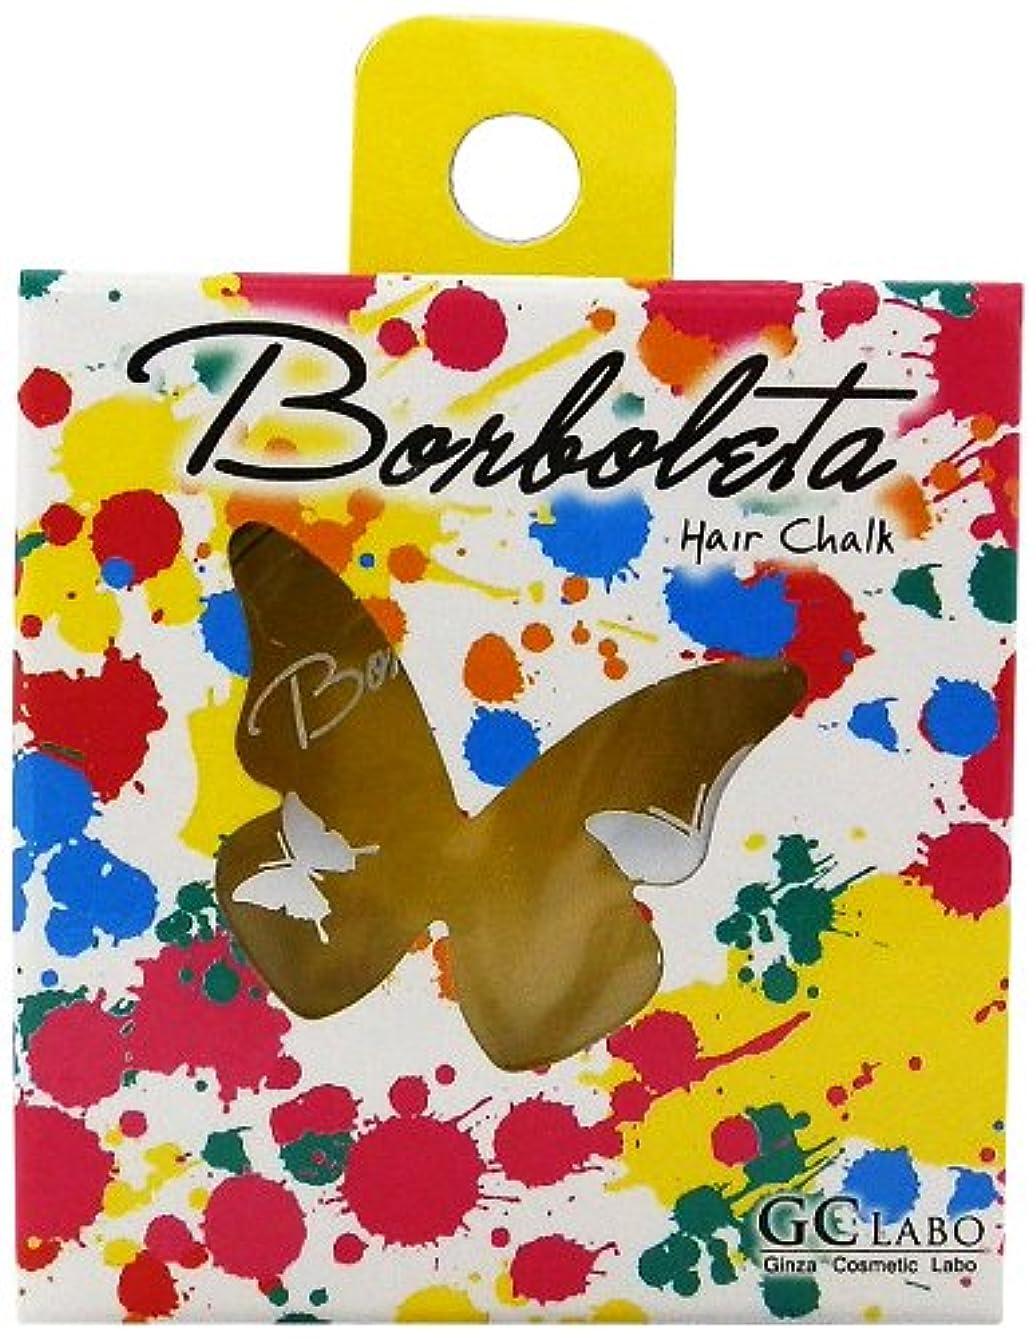 意欲見込み篭BorBoLeta(ボルボレッタ)ヘアカラーチョーク イエロー